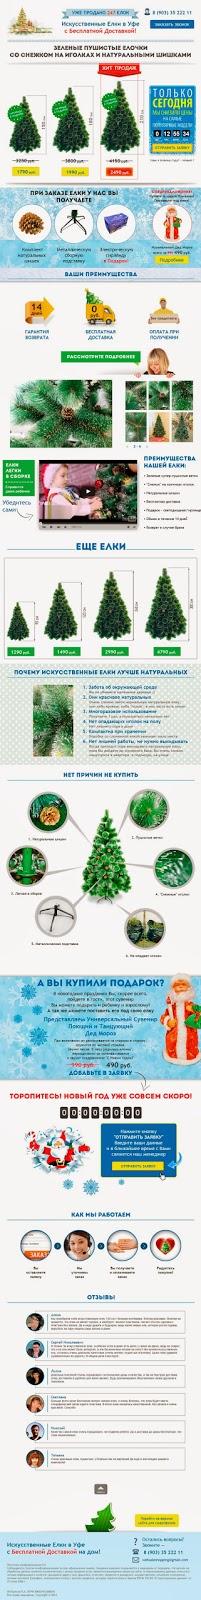 Продающая страница Искусственные елки с бесплатной доставкой, подробнее - http://www.pawelldesign.ru/Home/web